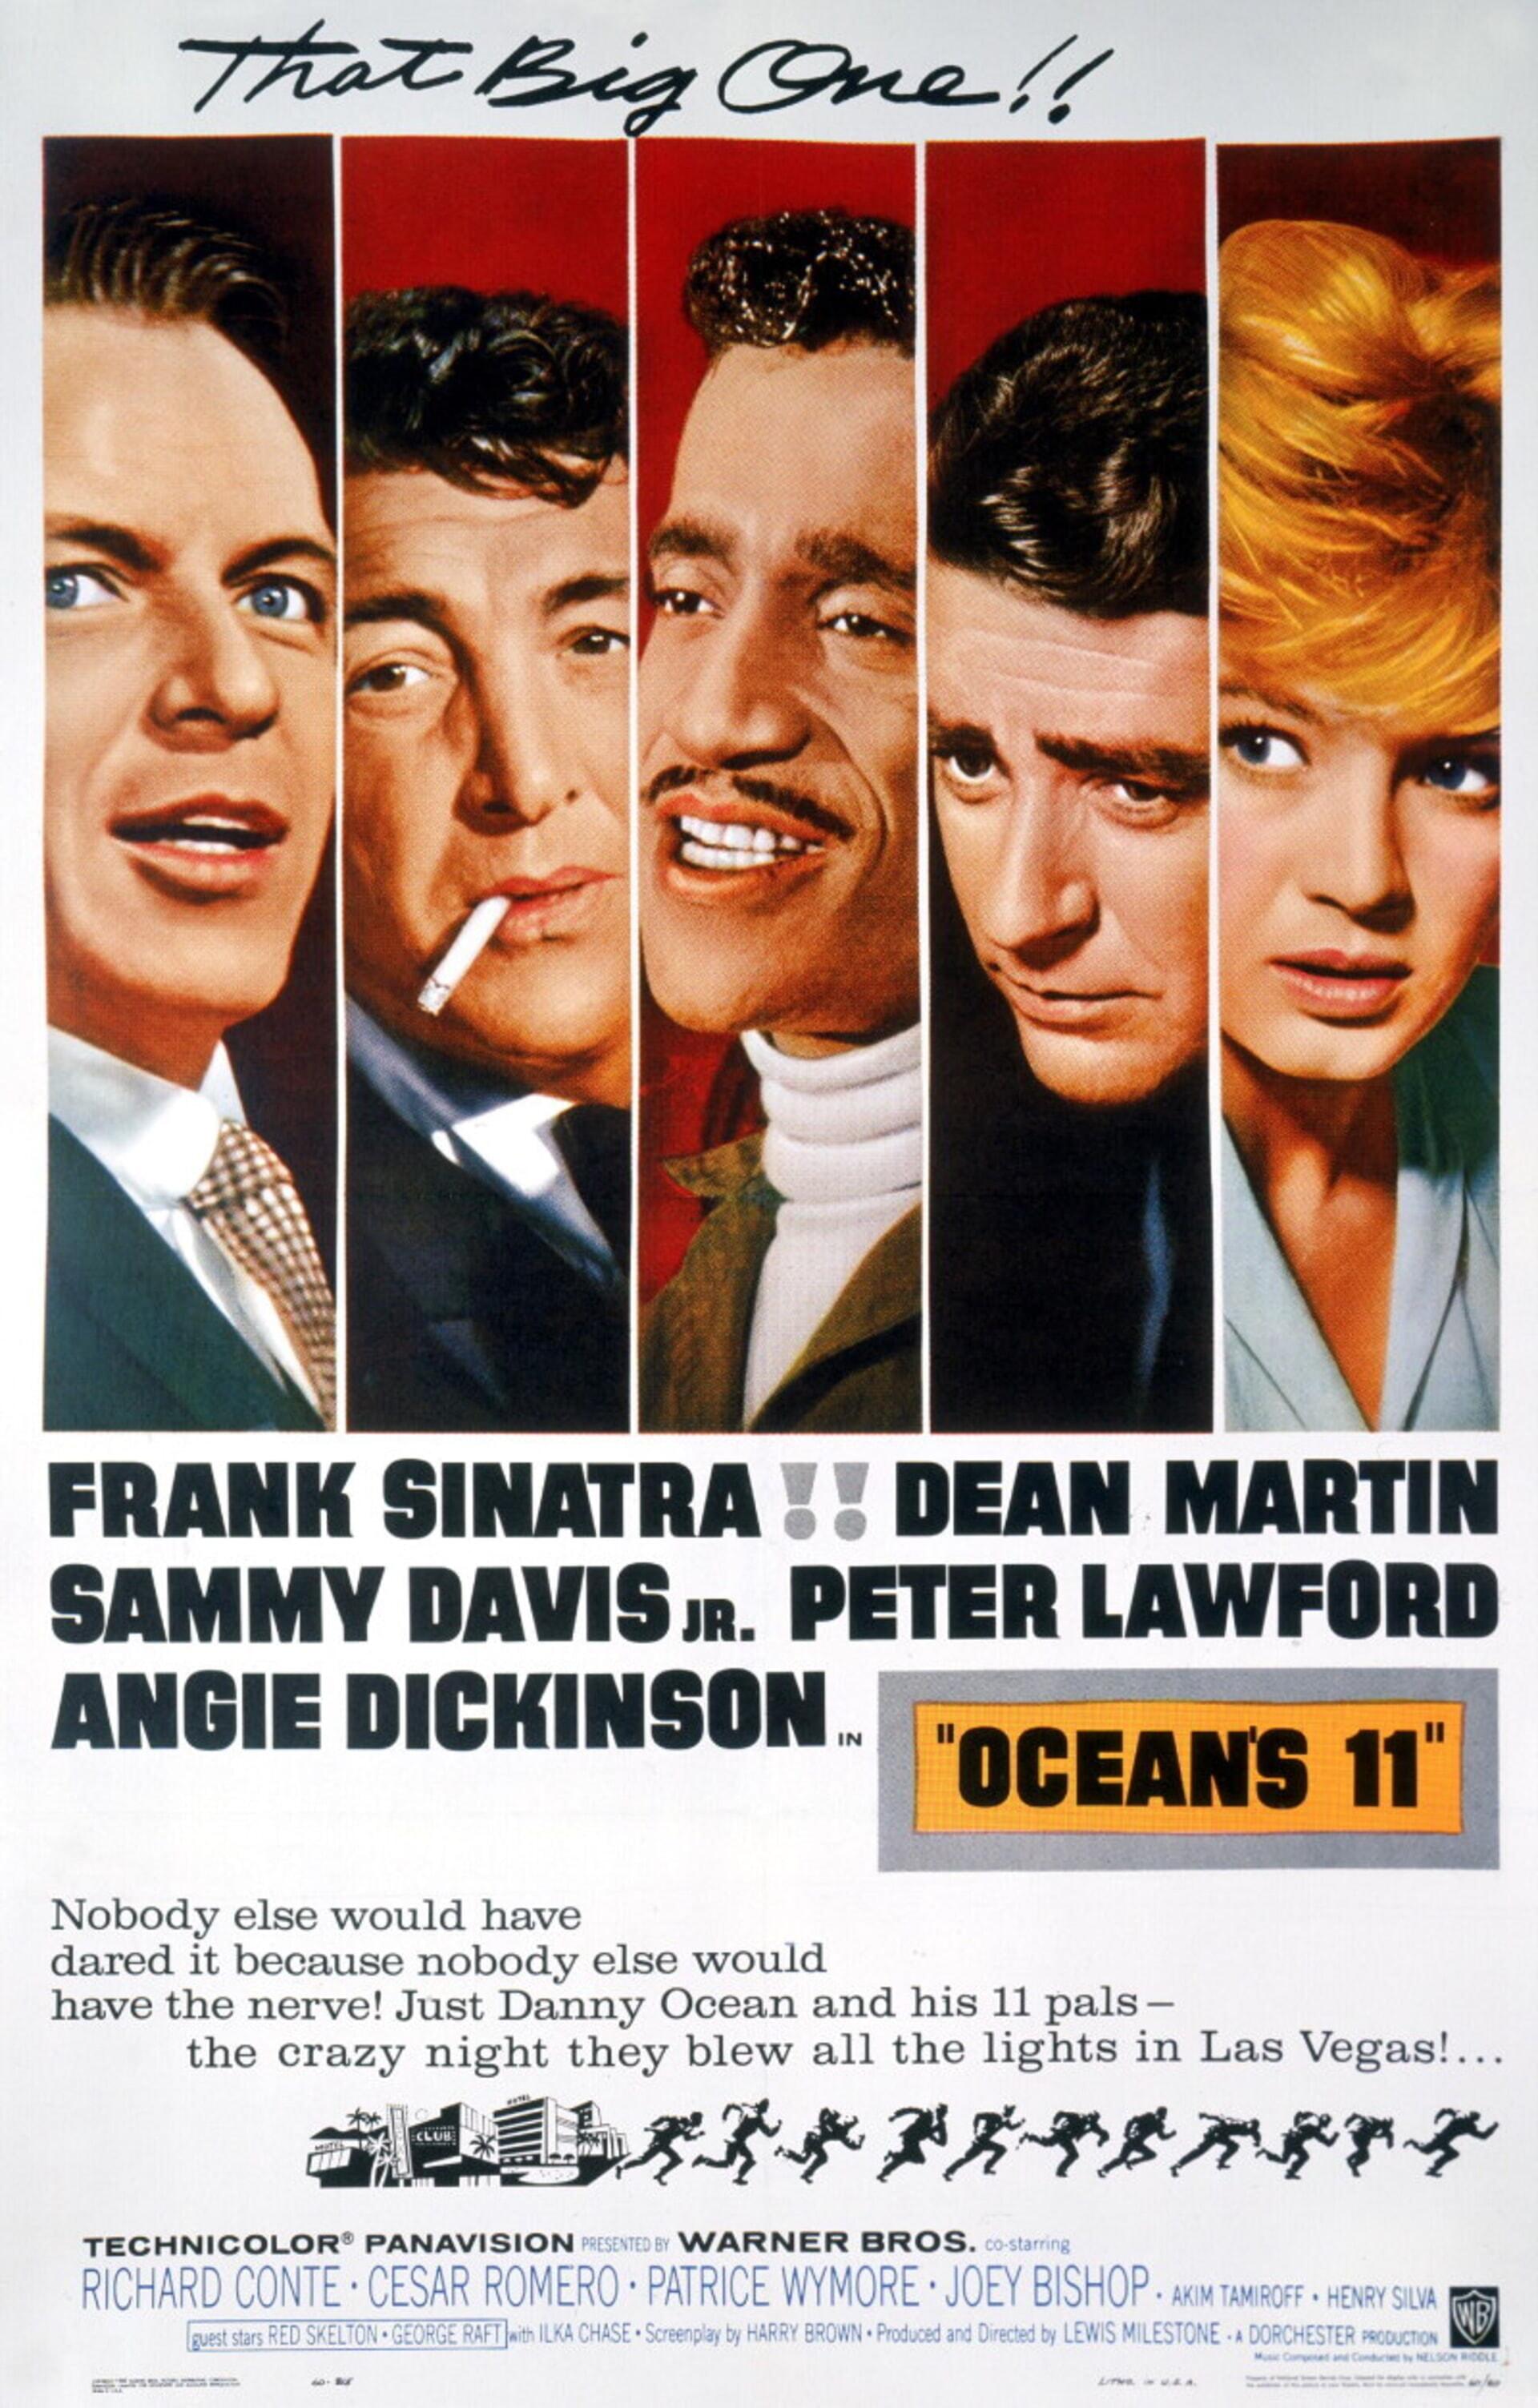 Ocean's 11 (1960) - Poster 1